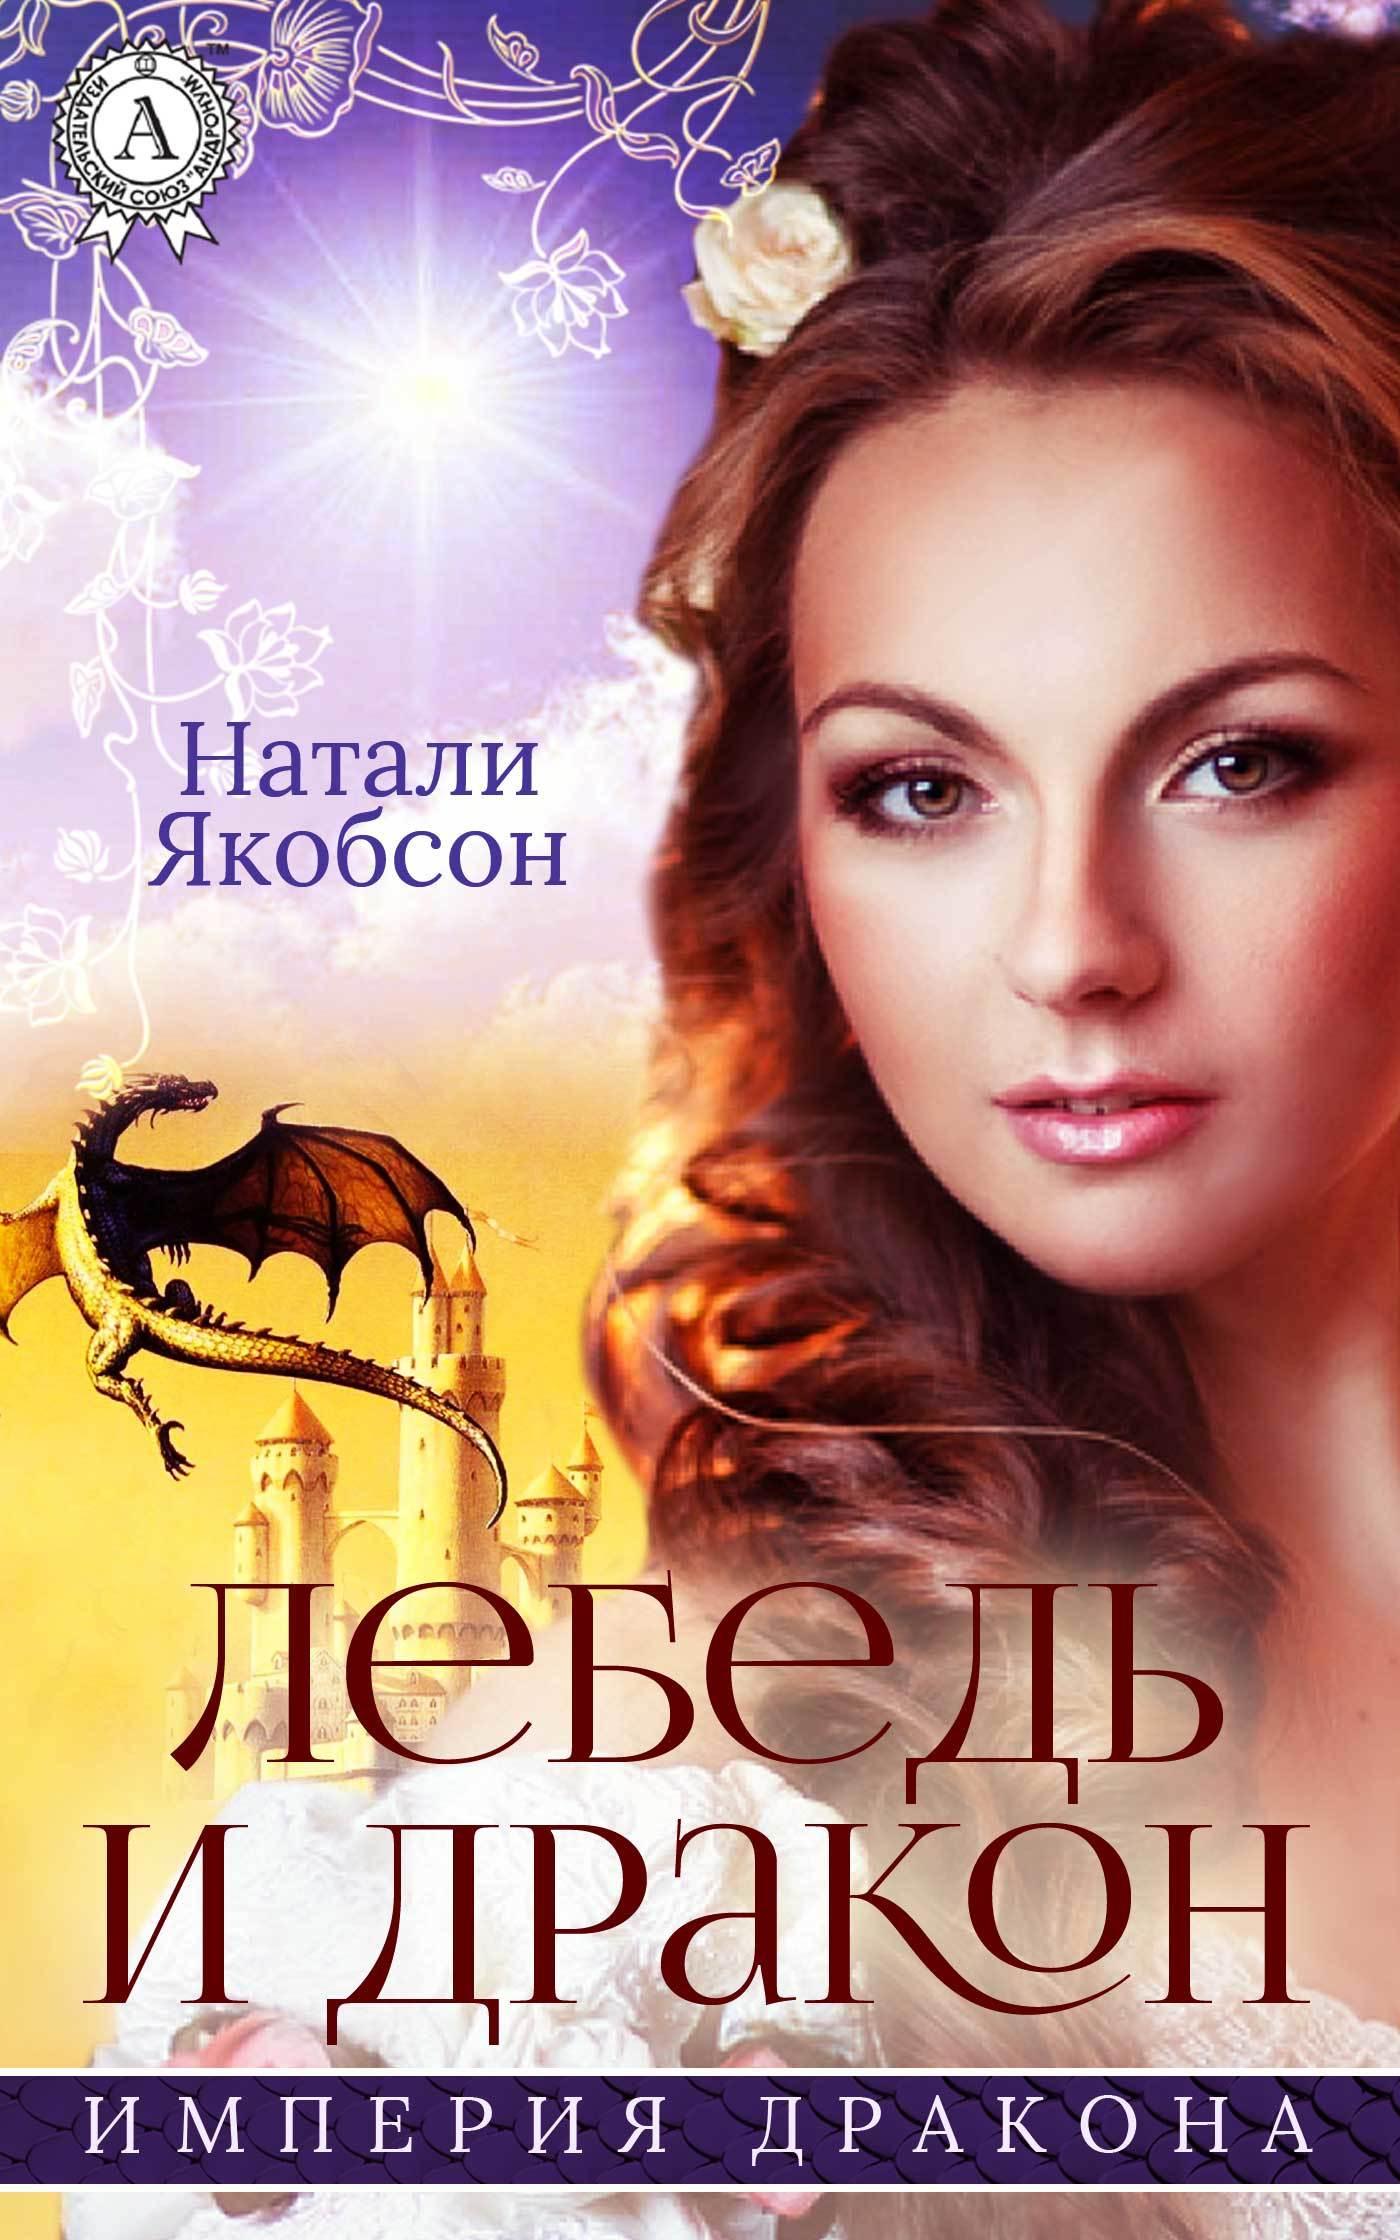 Натали Якобсон - Лебедь и дракон